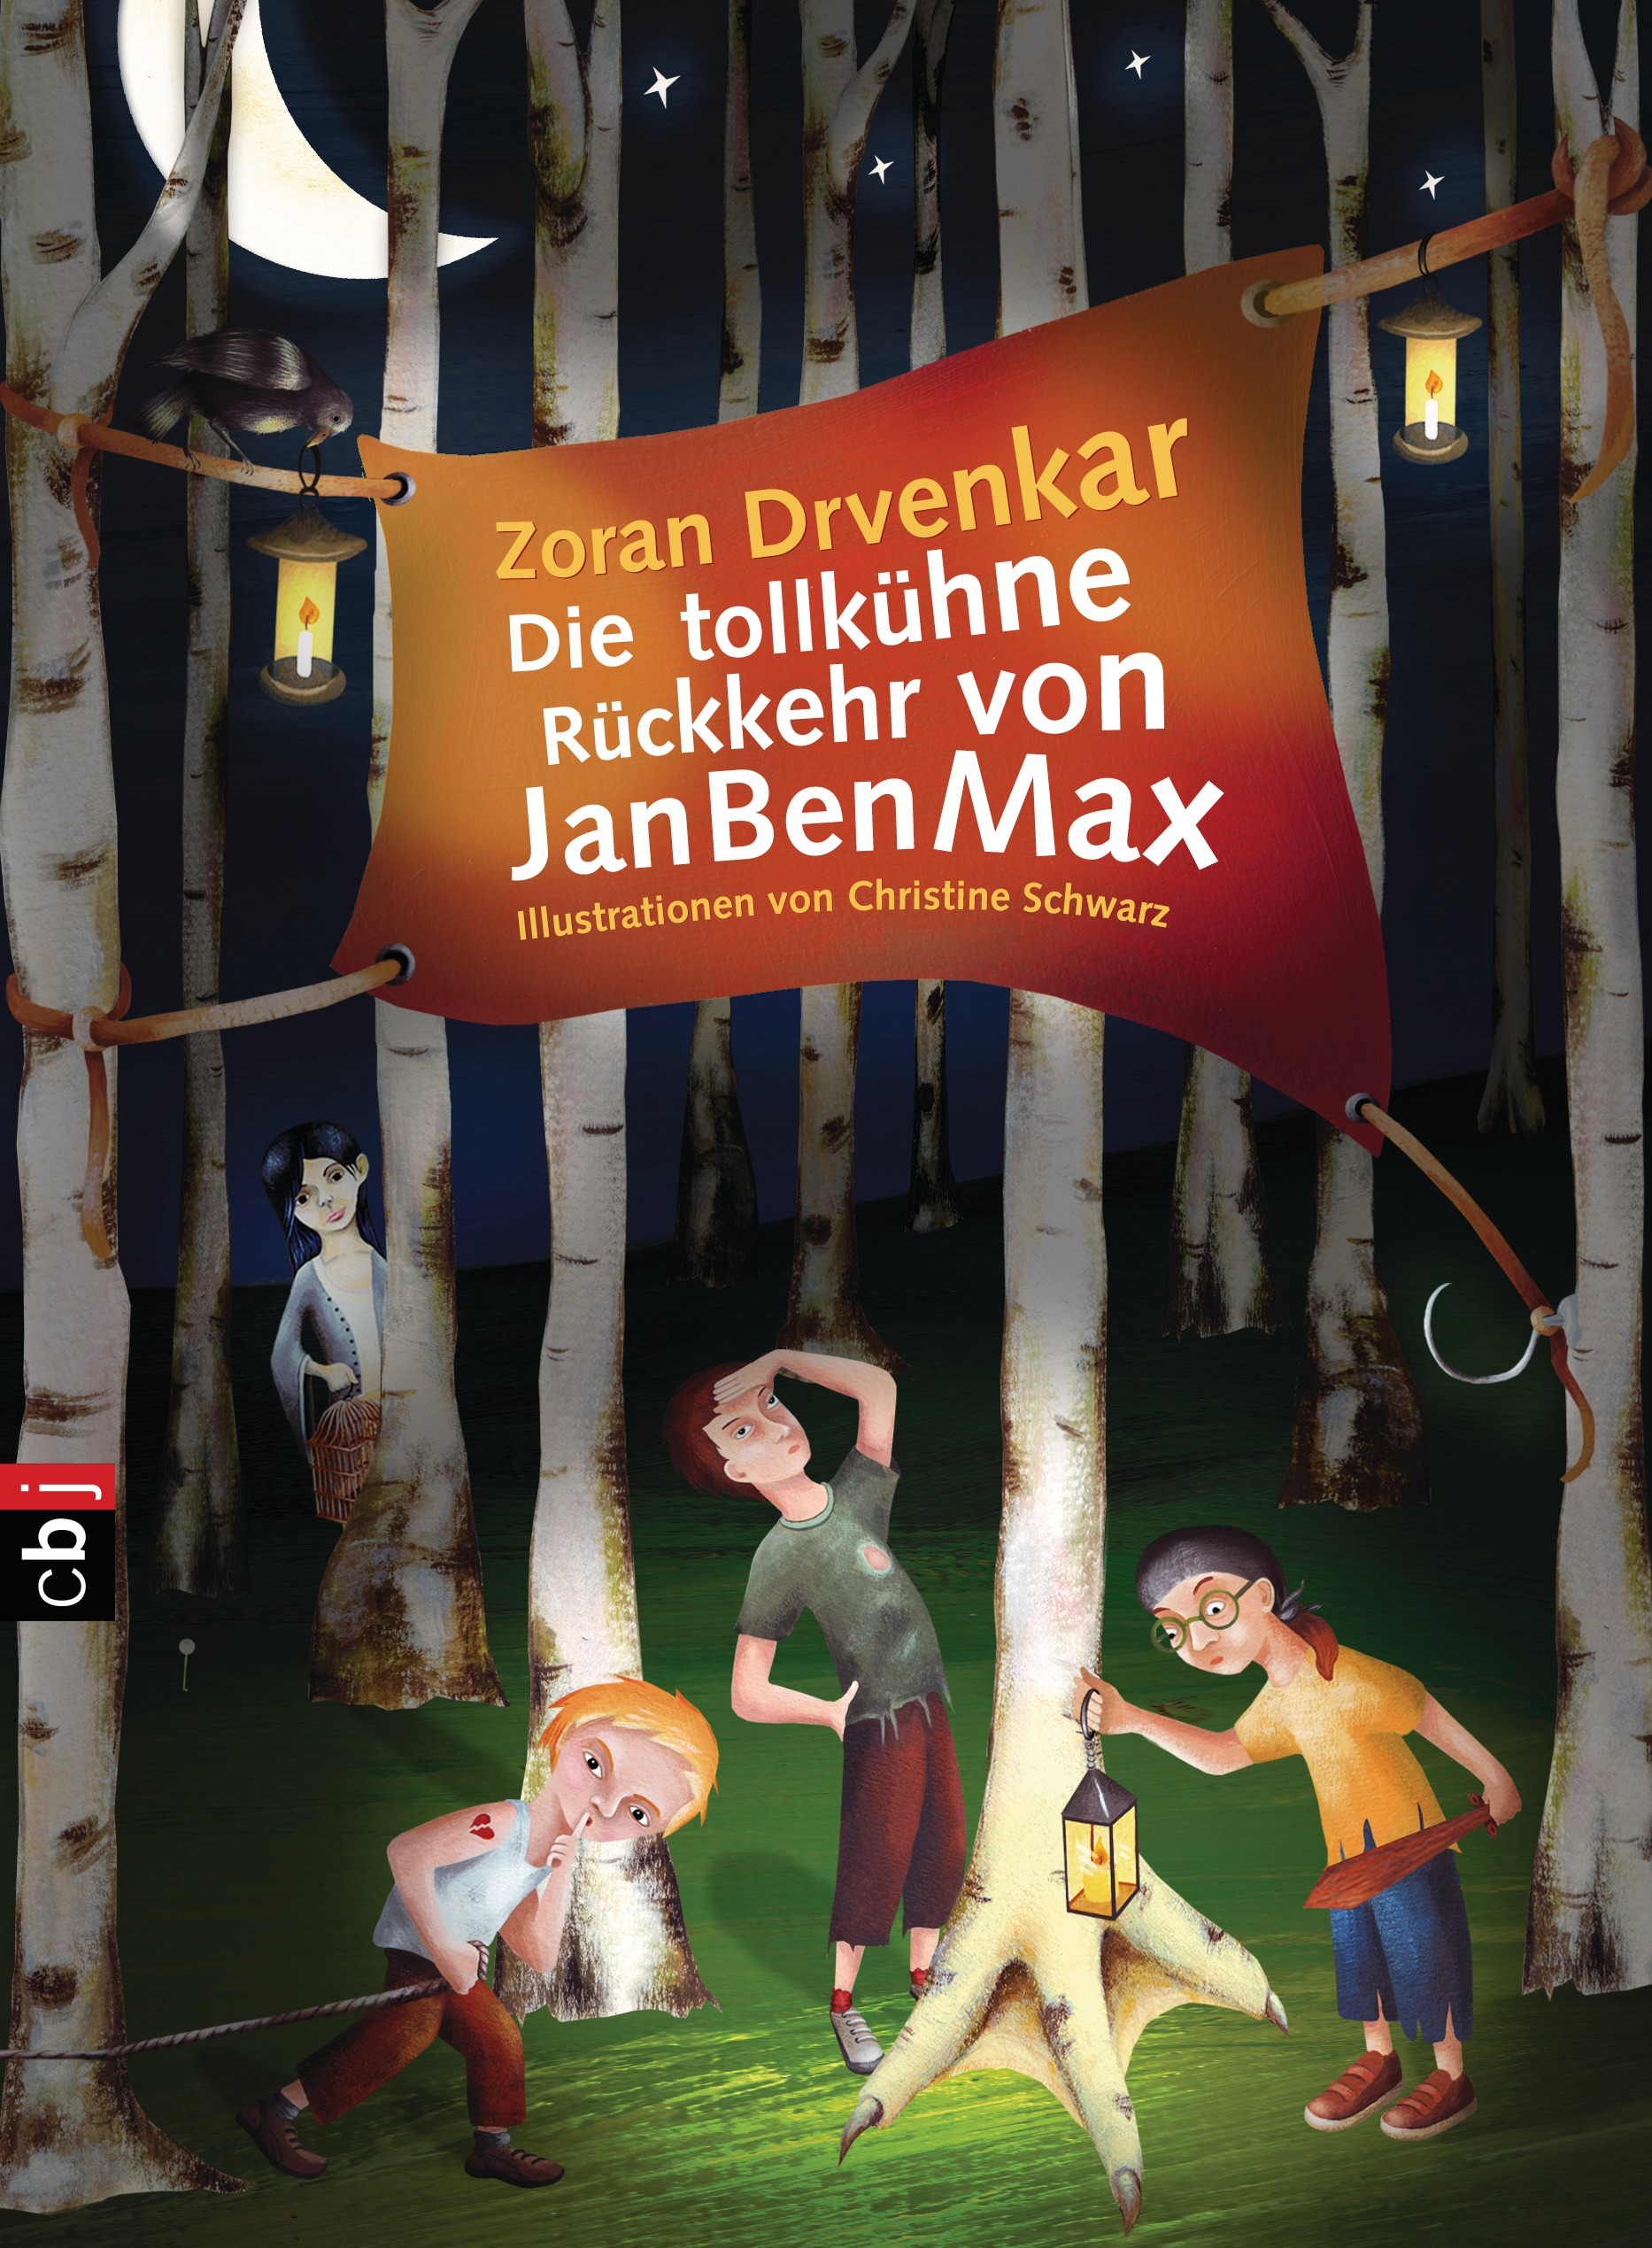 Die tollkühne Rückkehr von JanBenMax Zoran Drvenkar